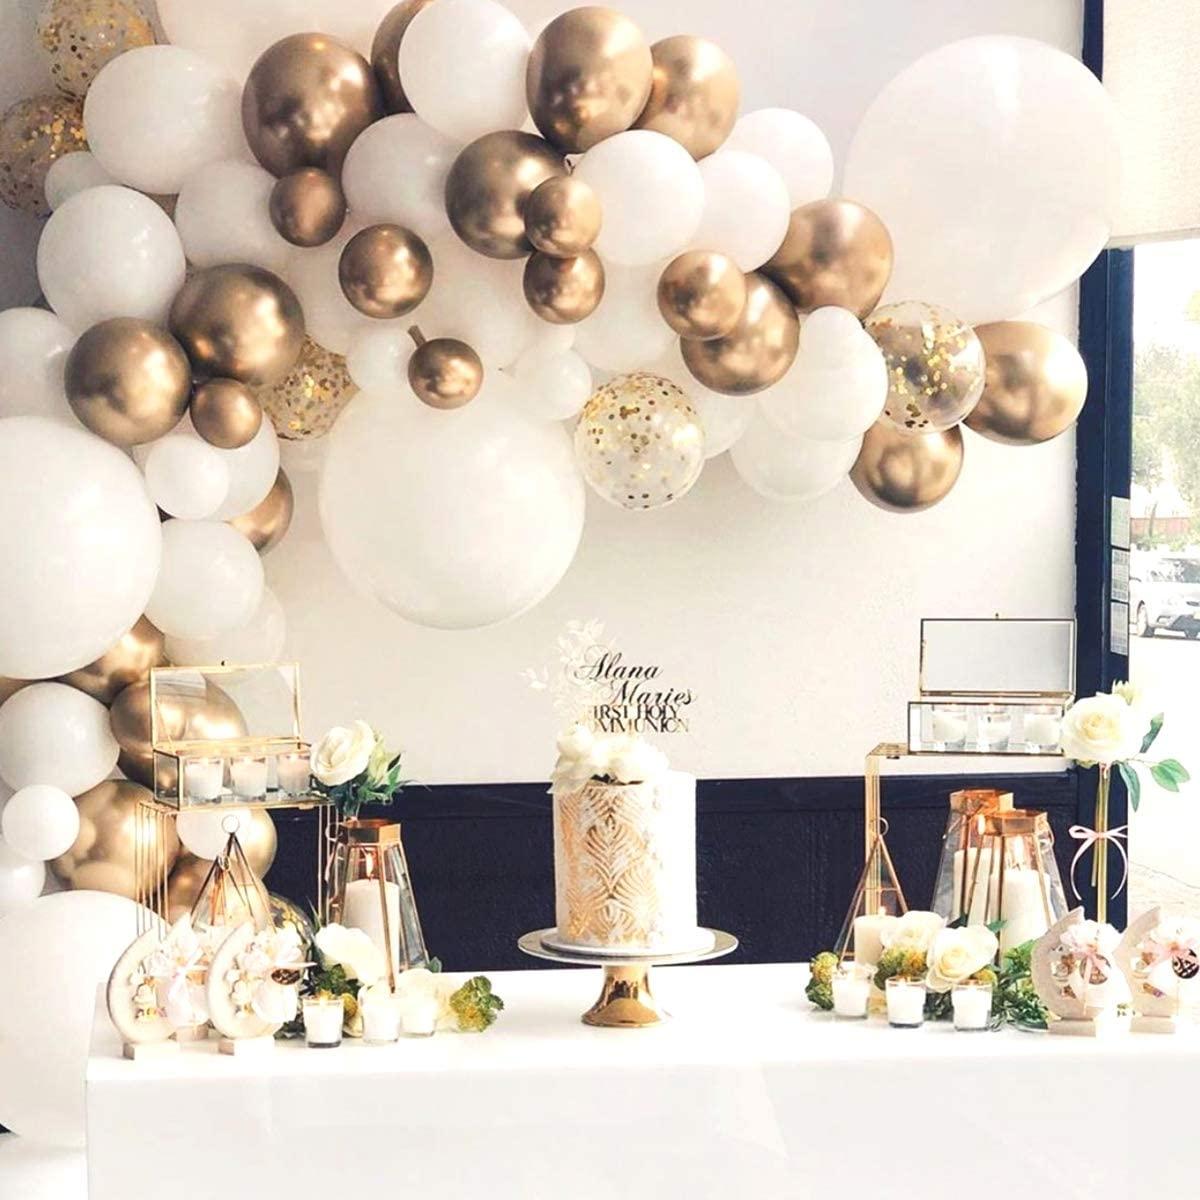 Латексные воздушные шары с арочный комплект из белого золота с конфетти металлик одежда для свадьбы, дня рождения украшения детский душ